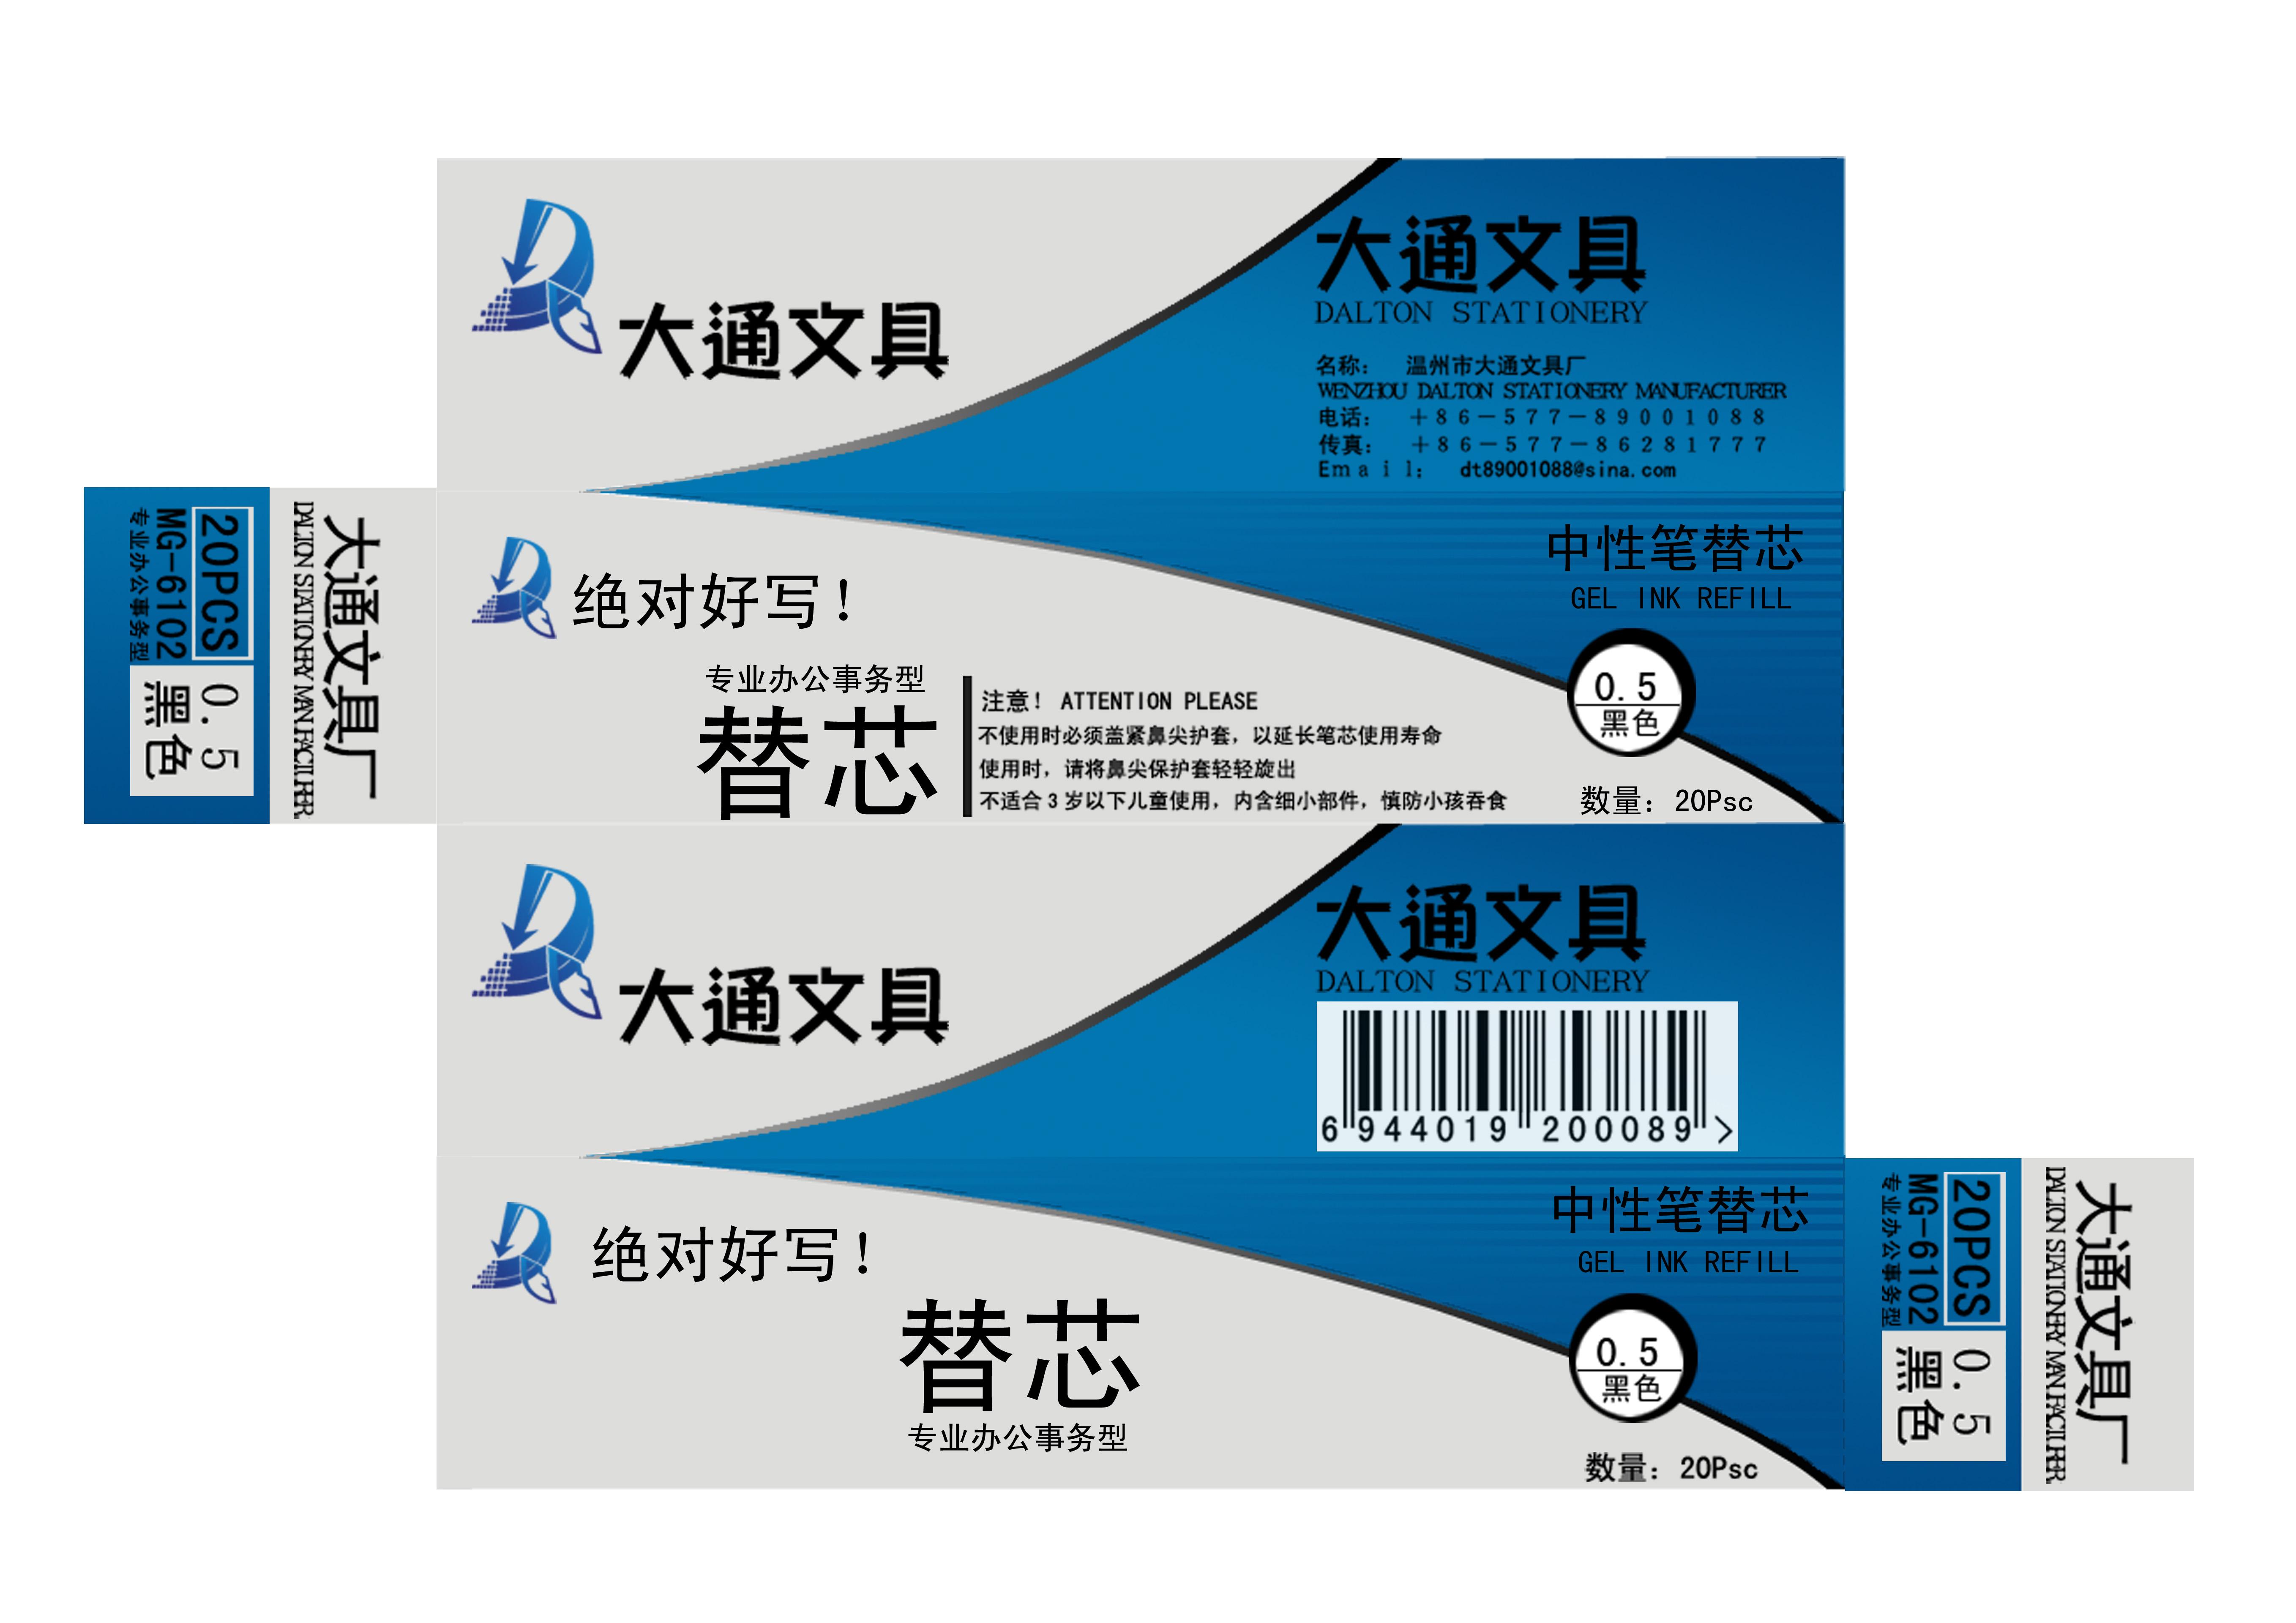 文具内盒包装设计-320元-10064号任务-威客k68网